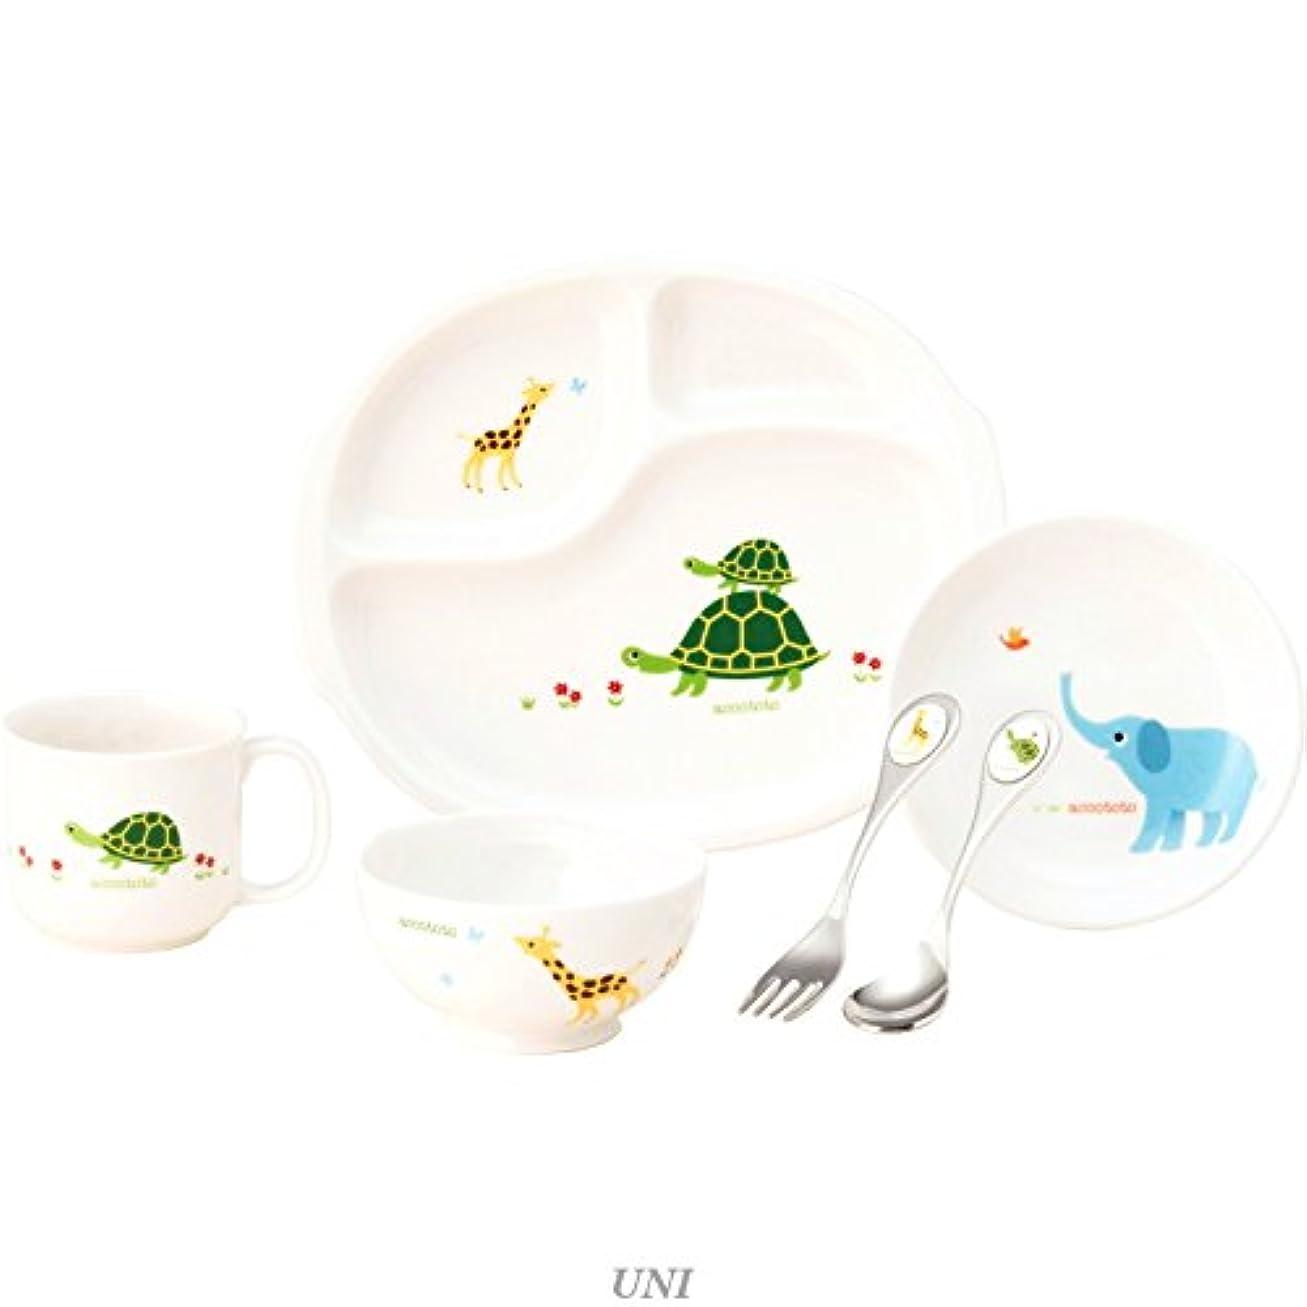 分解する消費する正確にニッコー 子供食器 アッコトト はじめてのごはんセット(ランチ皿、ライスボール、深皿、マグ) 8200-KS04C